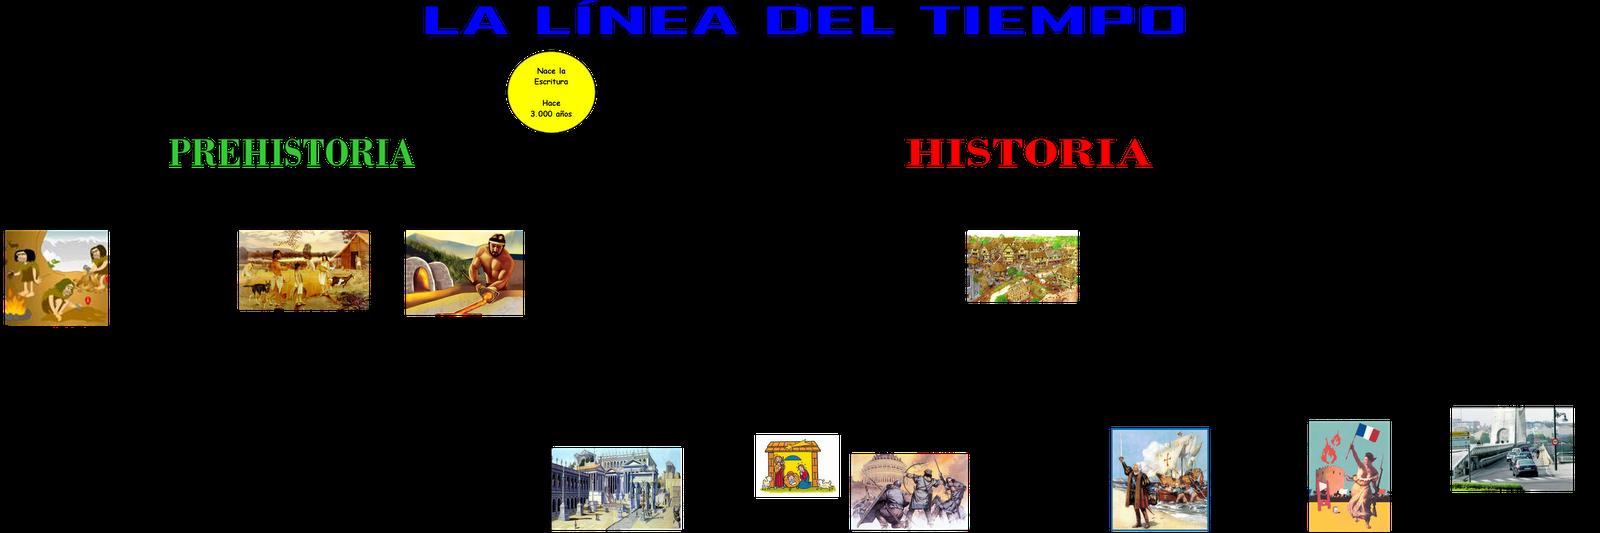 LÍNEA DEL TIEMPO. IMPORTANTE PARA EL MARCO HISTÓRICO.